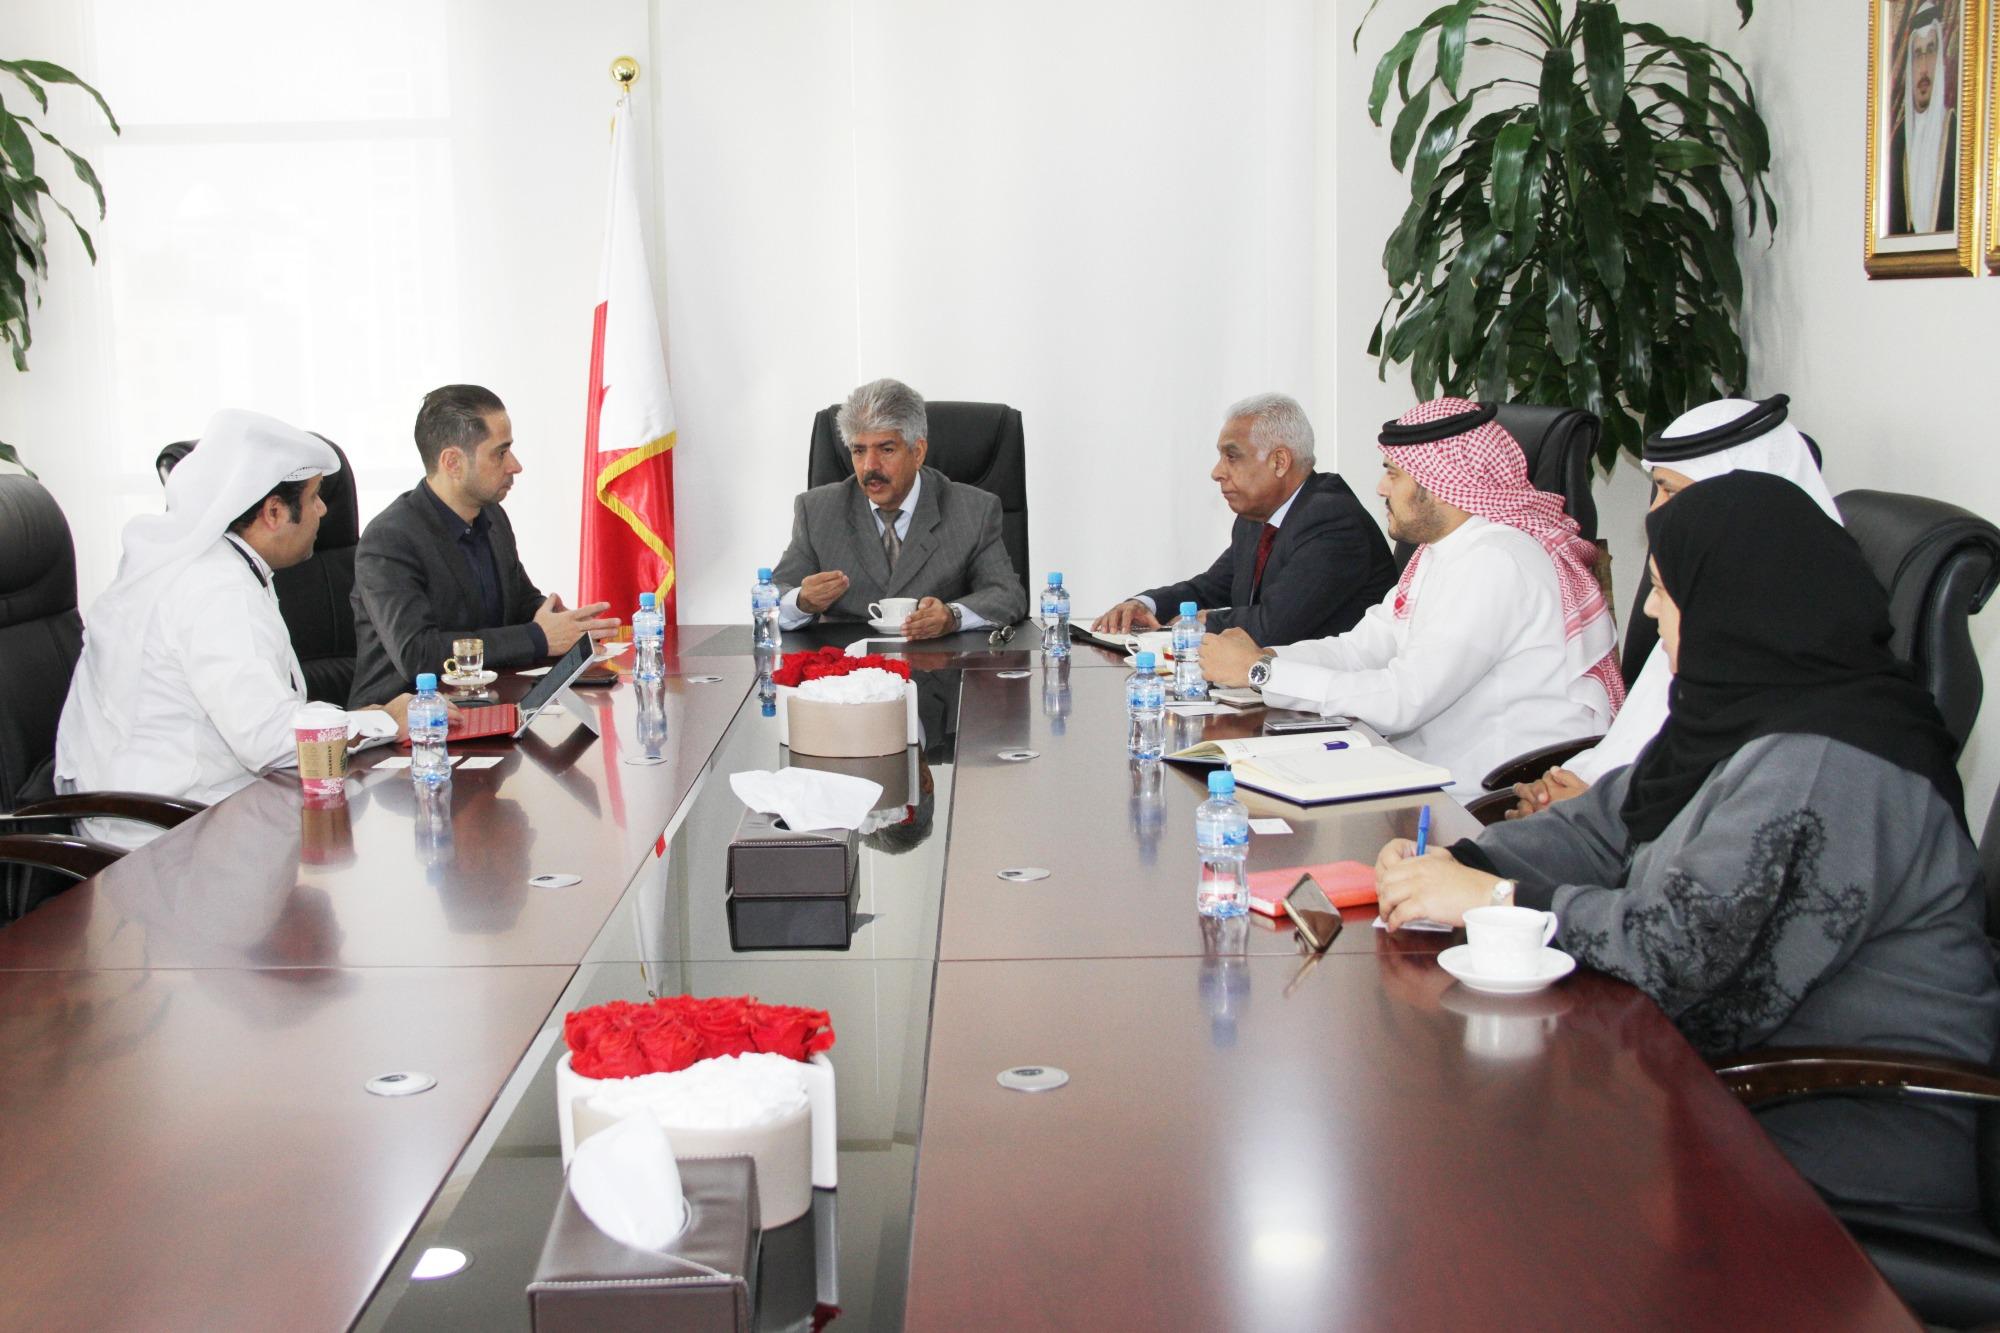 الخيرية الملكية  تبحث التعاون مع شركة  مايكروسوفت    البحرين - صحيفة الوسط البحرينية - مملكة البحرين